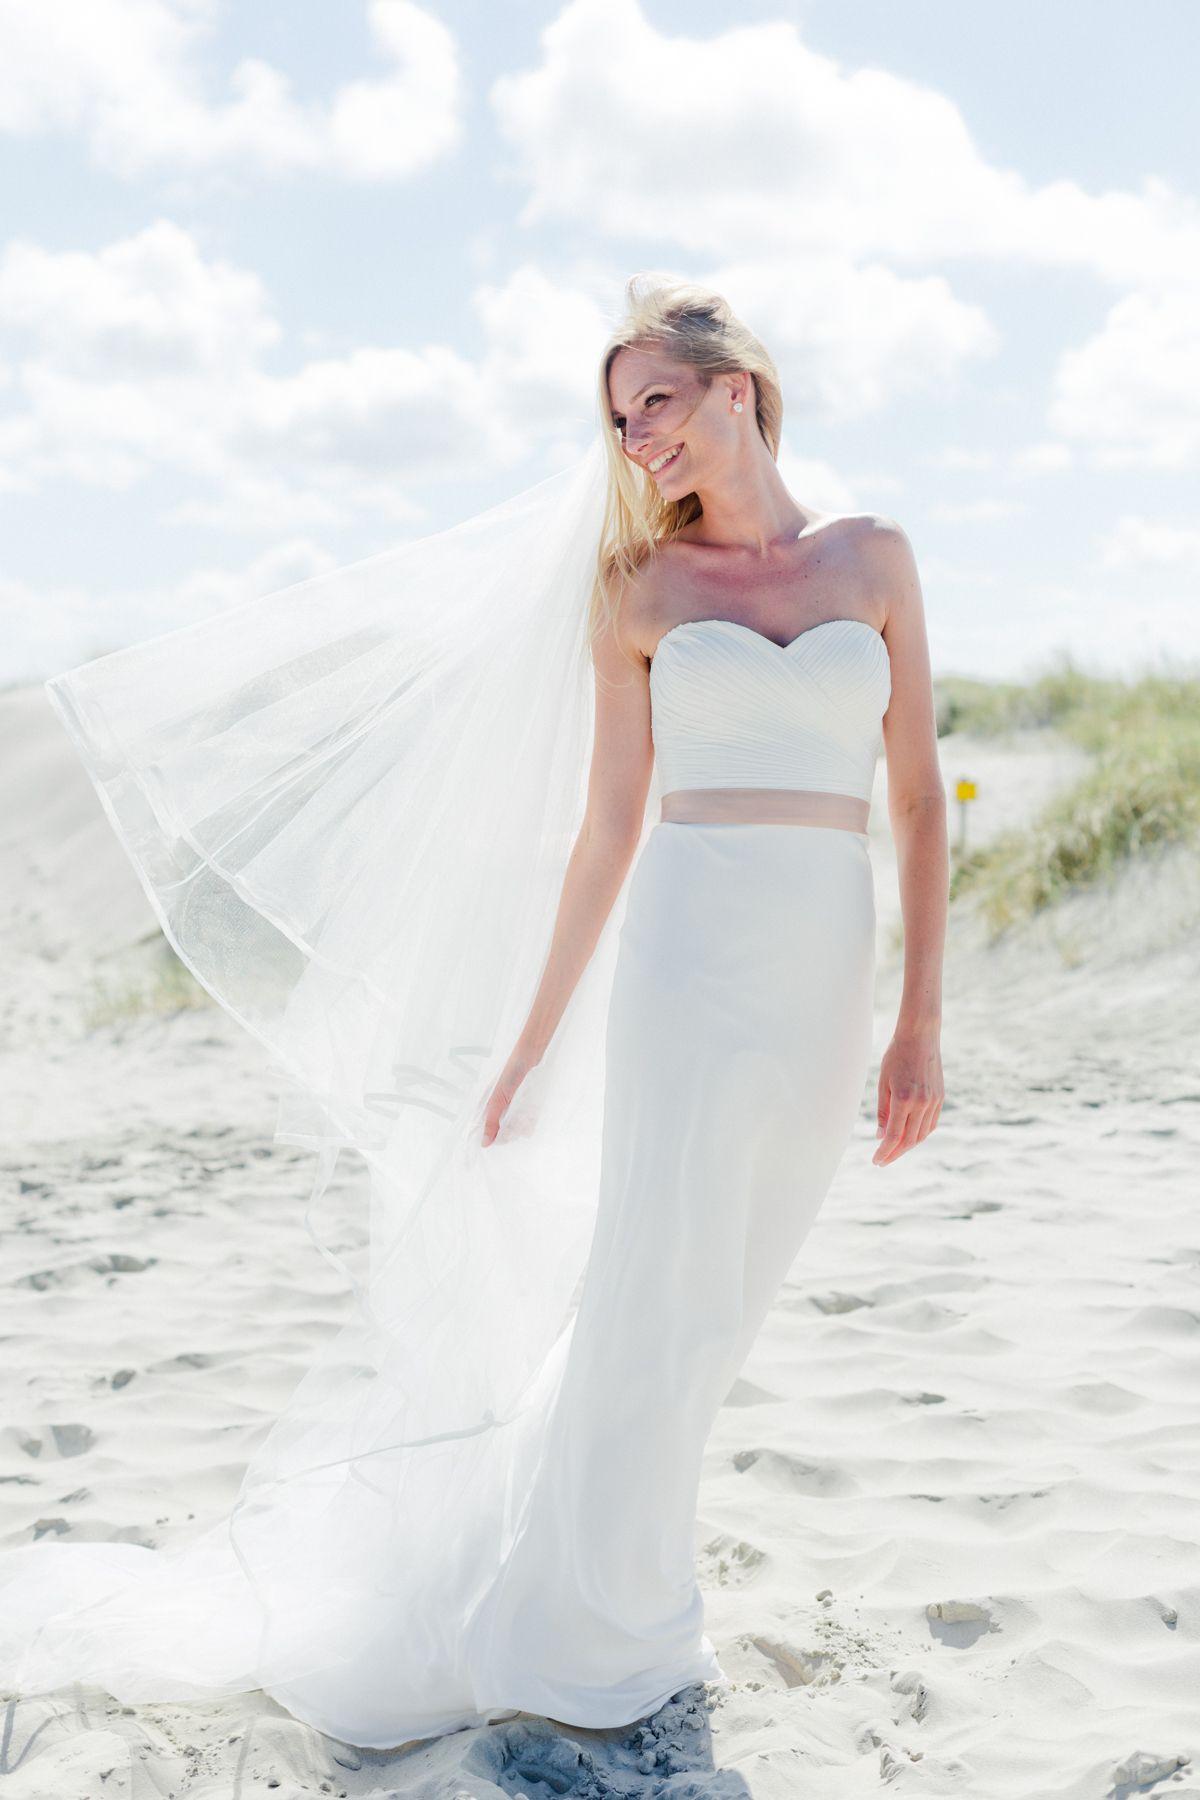 Nordsee Hochzeit Rund Um Das Beach Motel Von Annie Rohse Lieschen Heiratet Hochzeit Hochzeitswochenende Heiraten